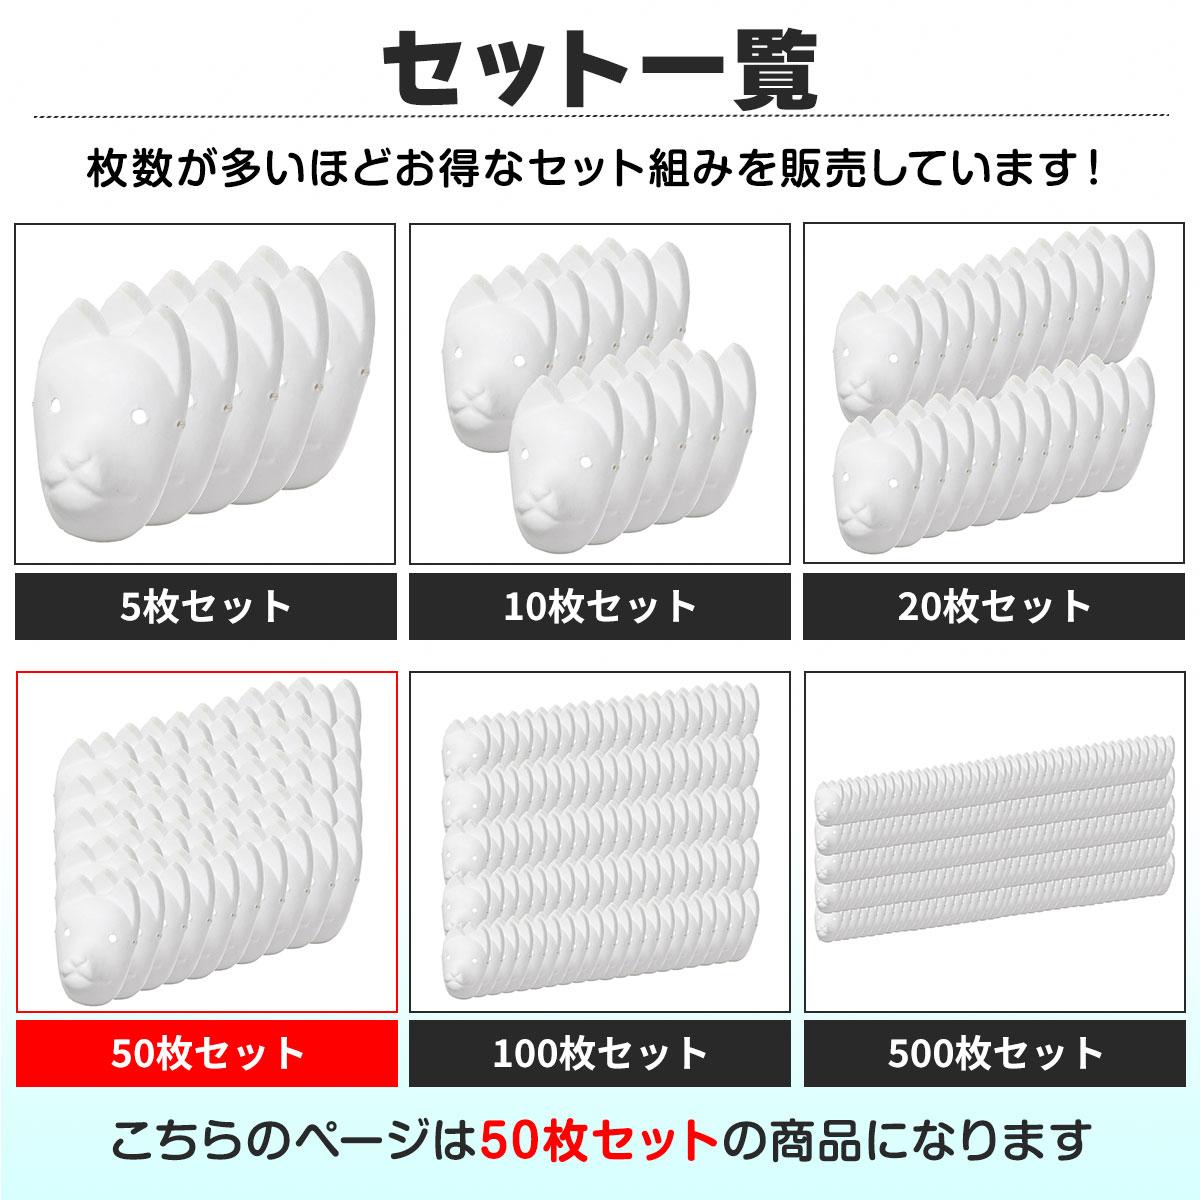 狐面 お面 狐 キツネ 無地 マスク 紙パルプ製 小タイプ 50枚セット